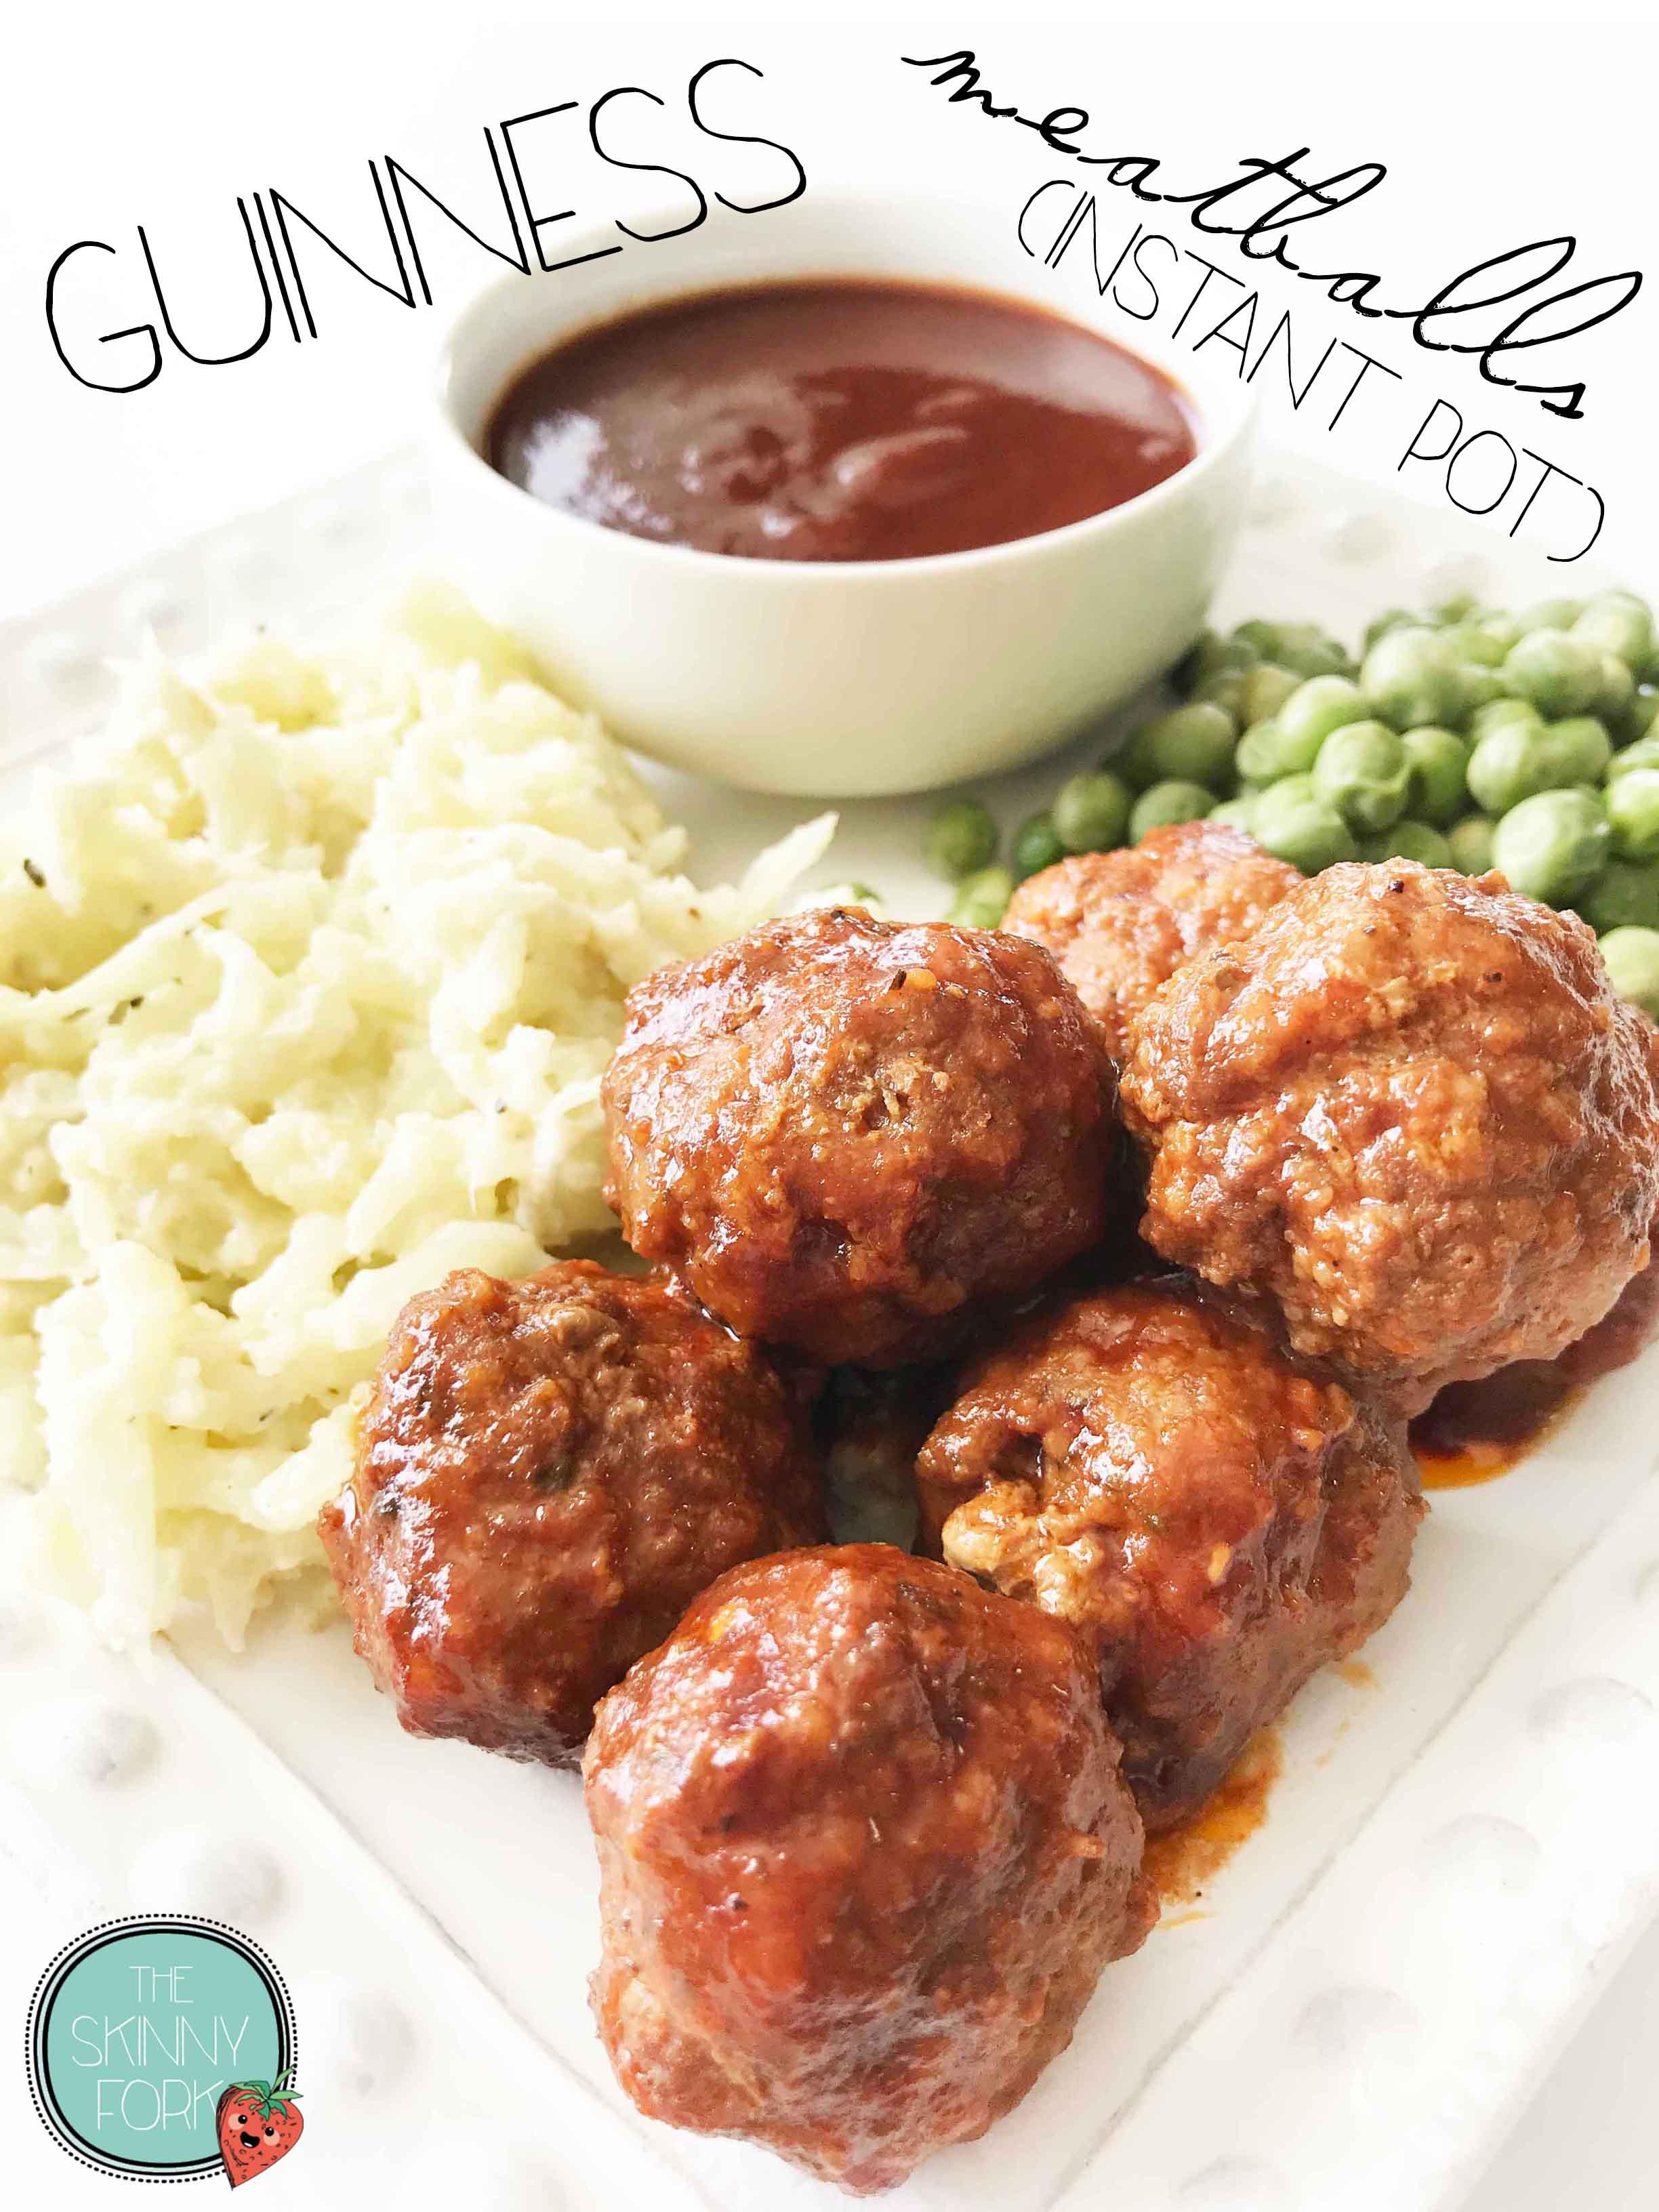 guinness-meatball-pin.jpg